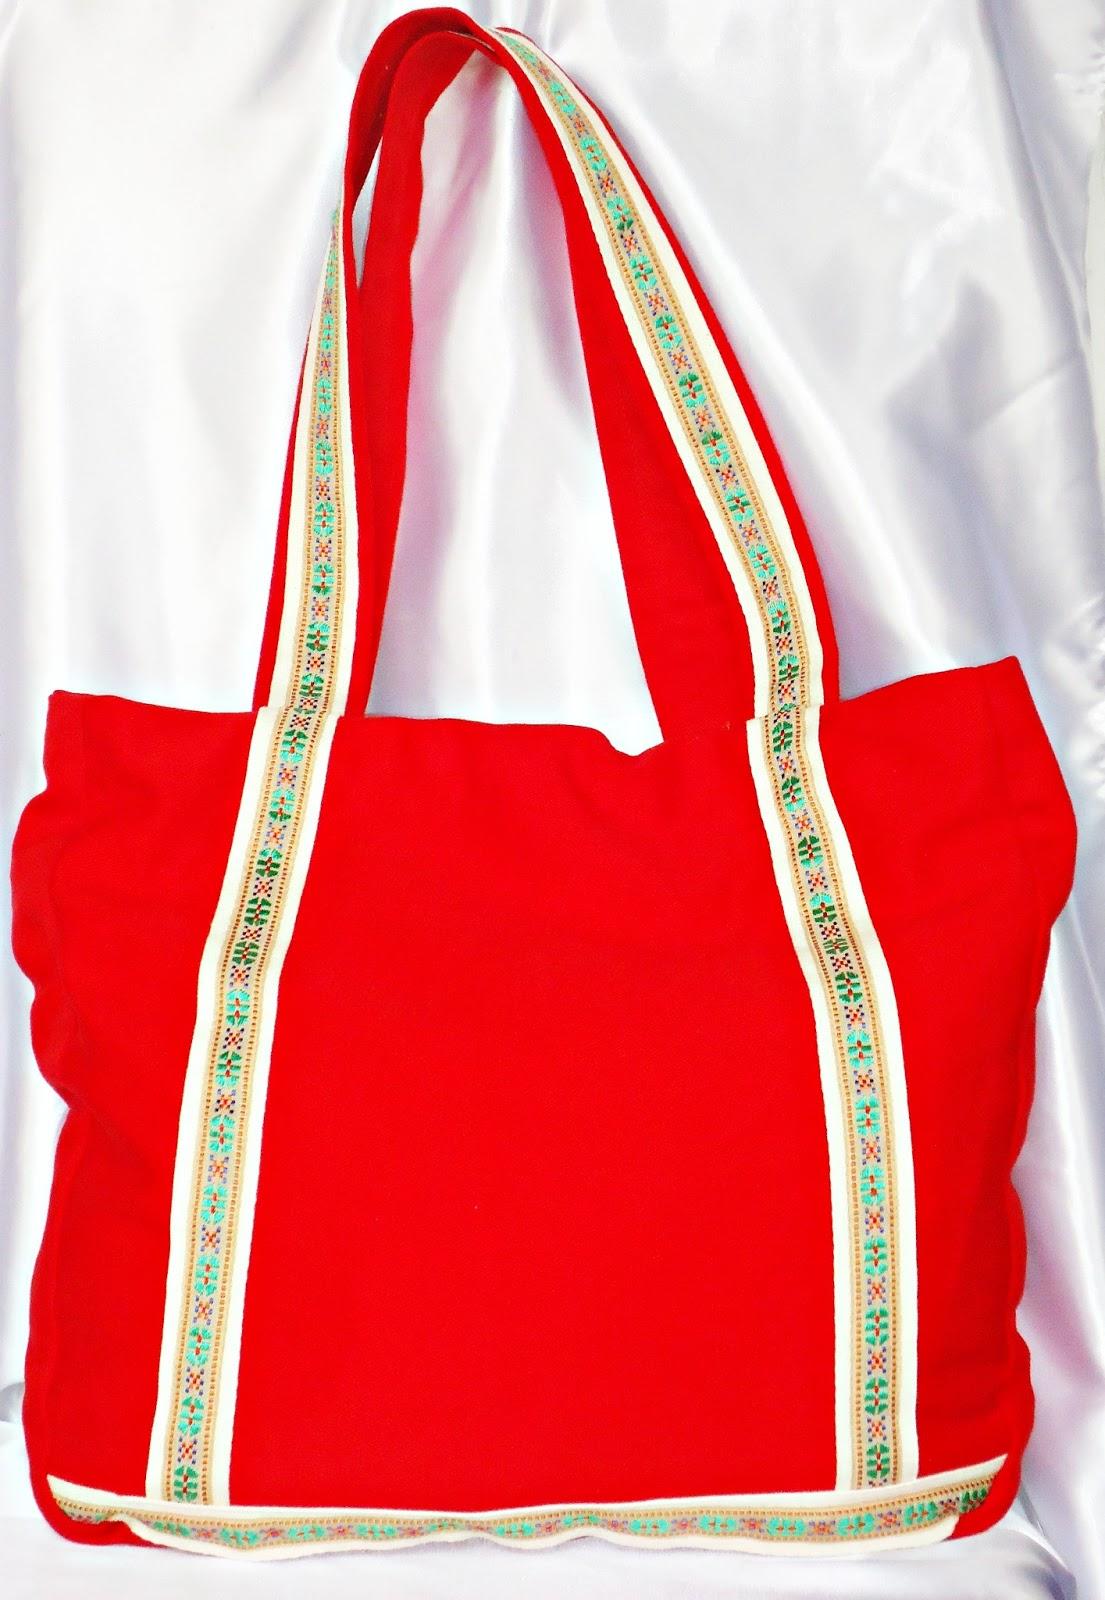 Bolsa De Tecido Com Ziper E Forro : A modista bolsas artesanais bolsa de tecido sarja